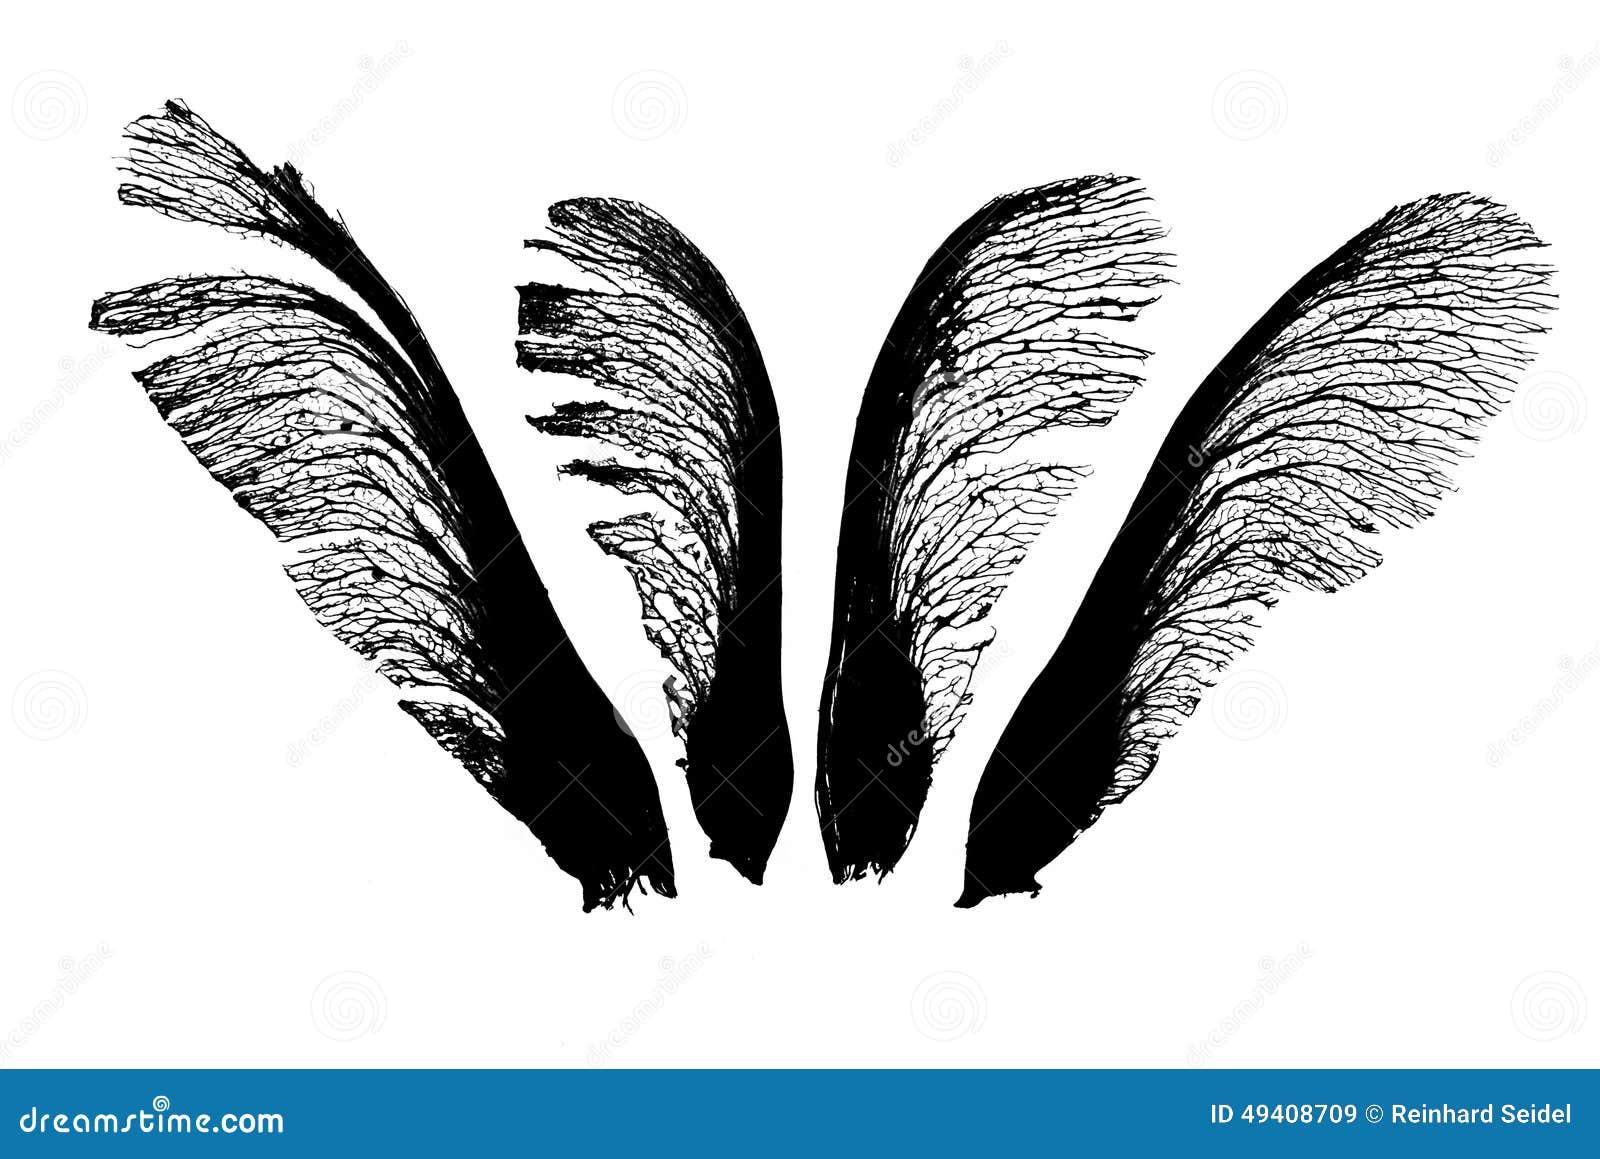 Download Ahorn sät quartett stockbild. Bild von muster, seed, ahornholz - 49408709